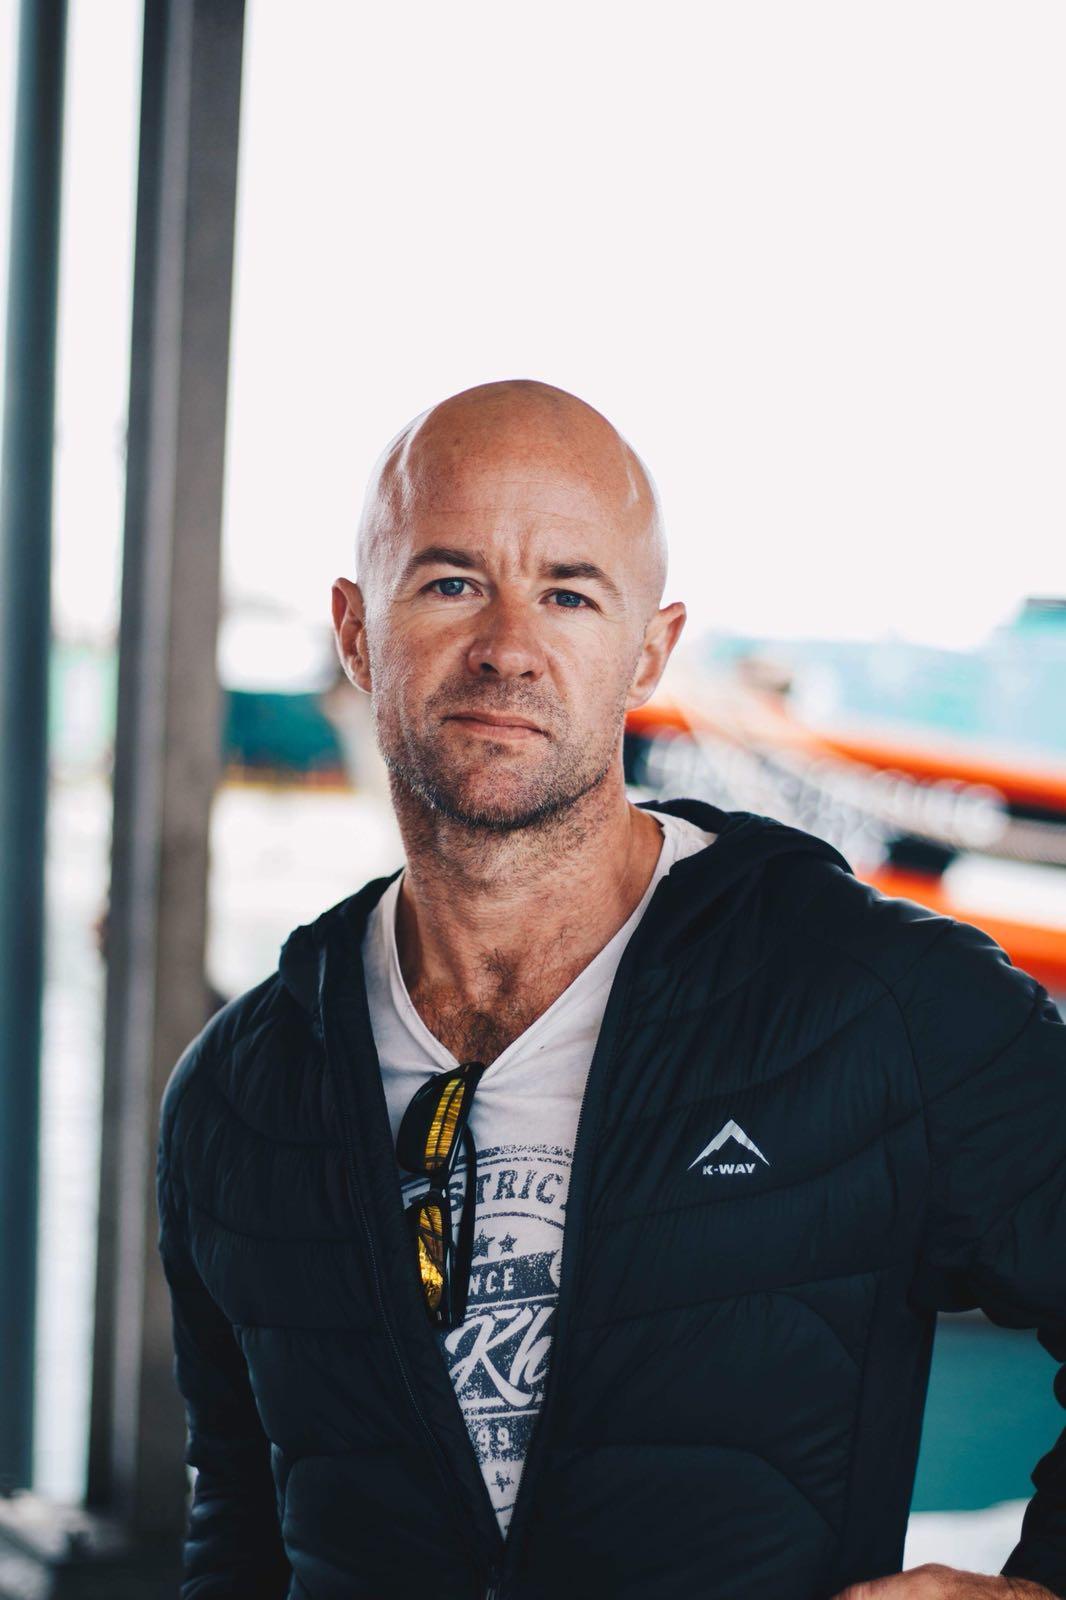 Malu Lambert: Interview With Brad Paton Of Buitenverwachting photo